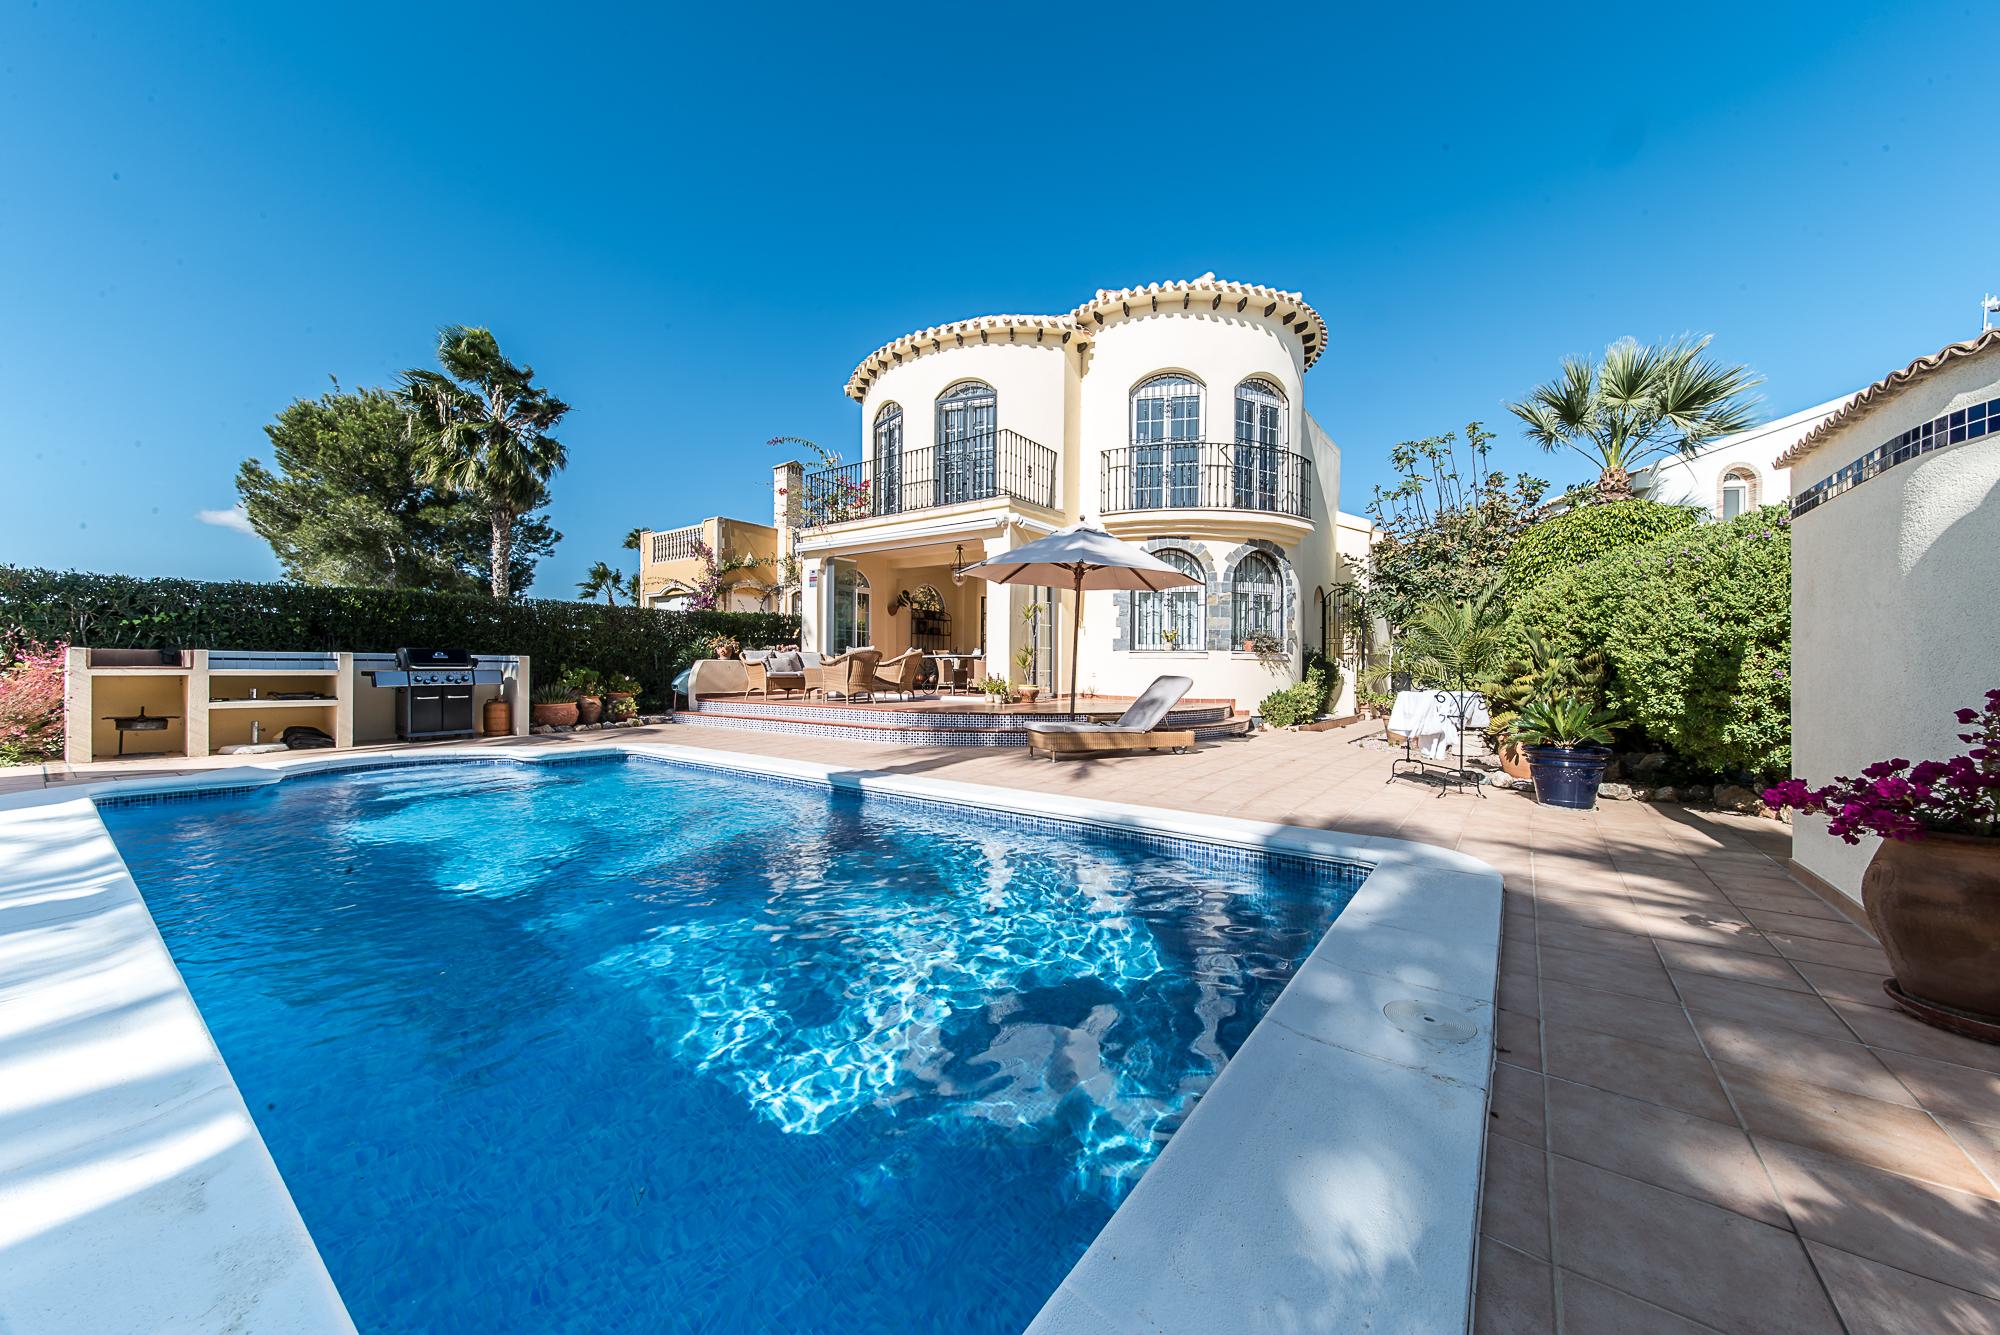 For sale: 5 bedroom house / villa in Las Ramblas Golf, Costa Blanca